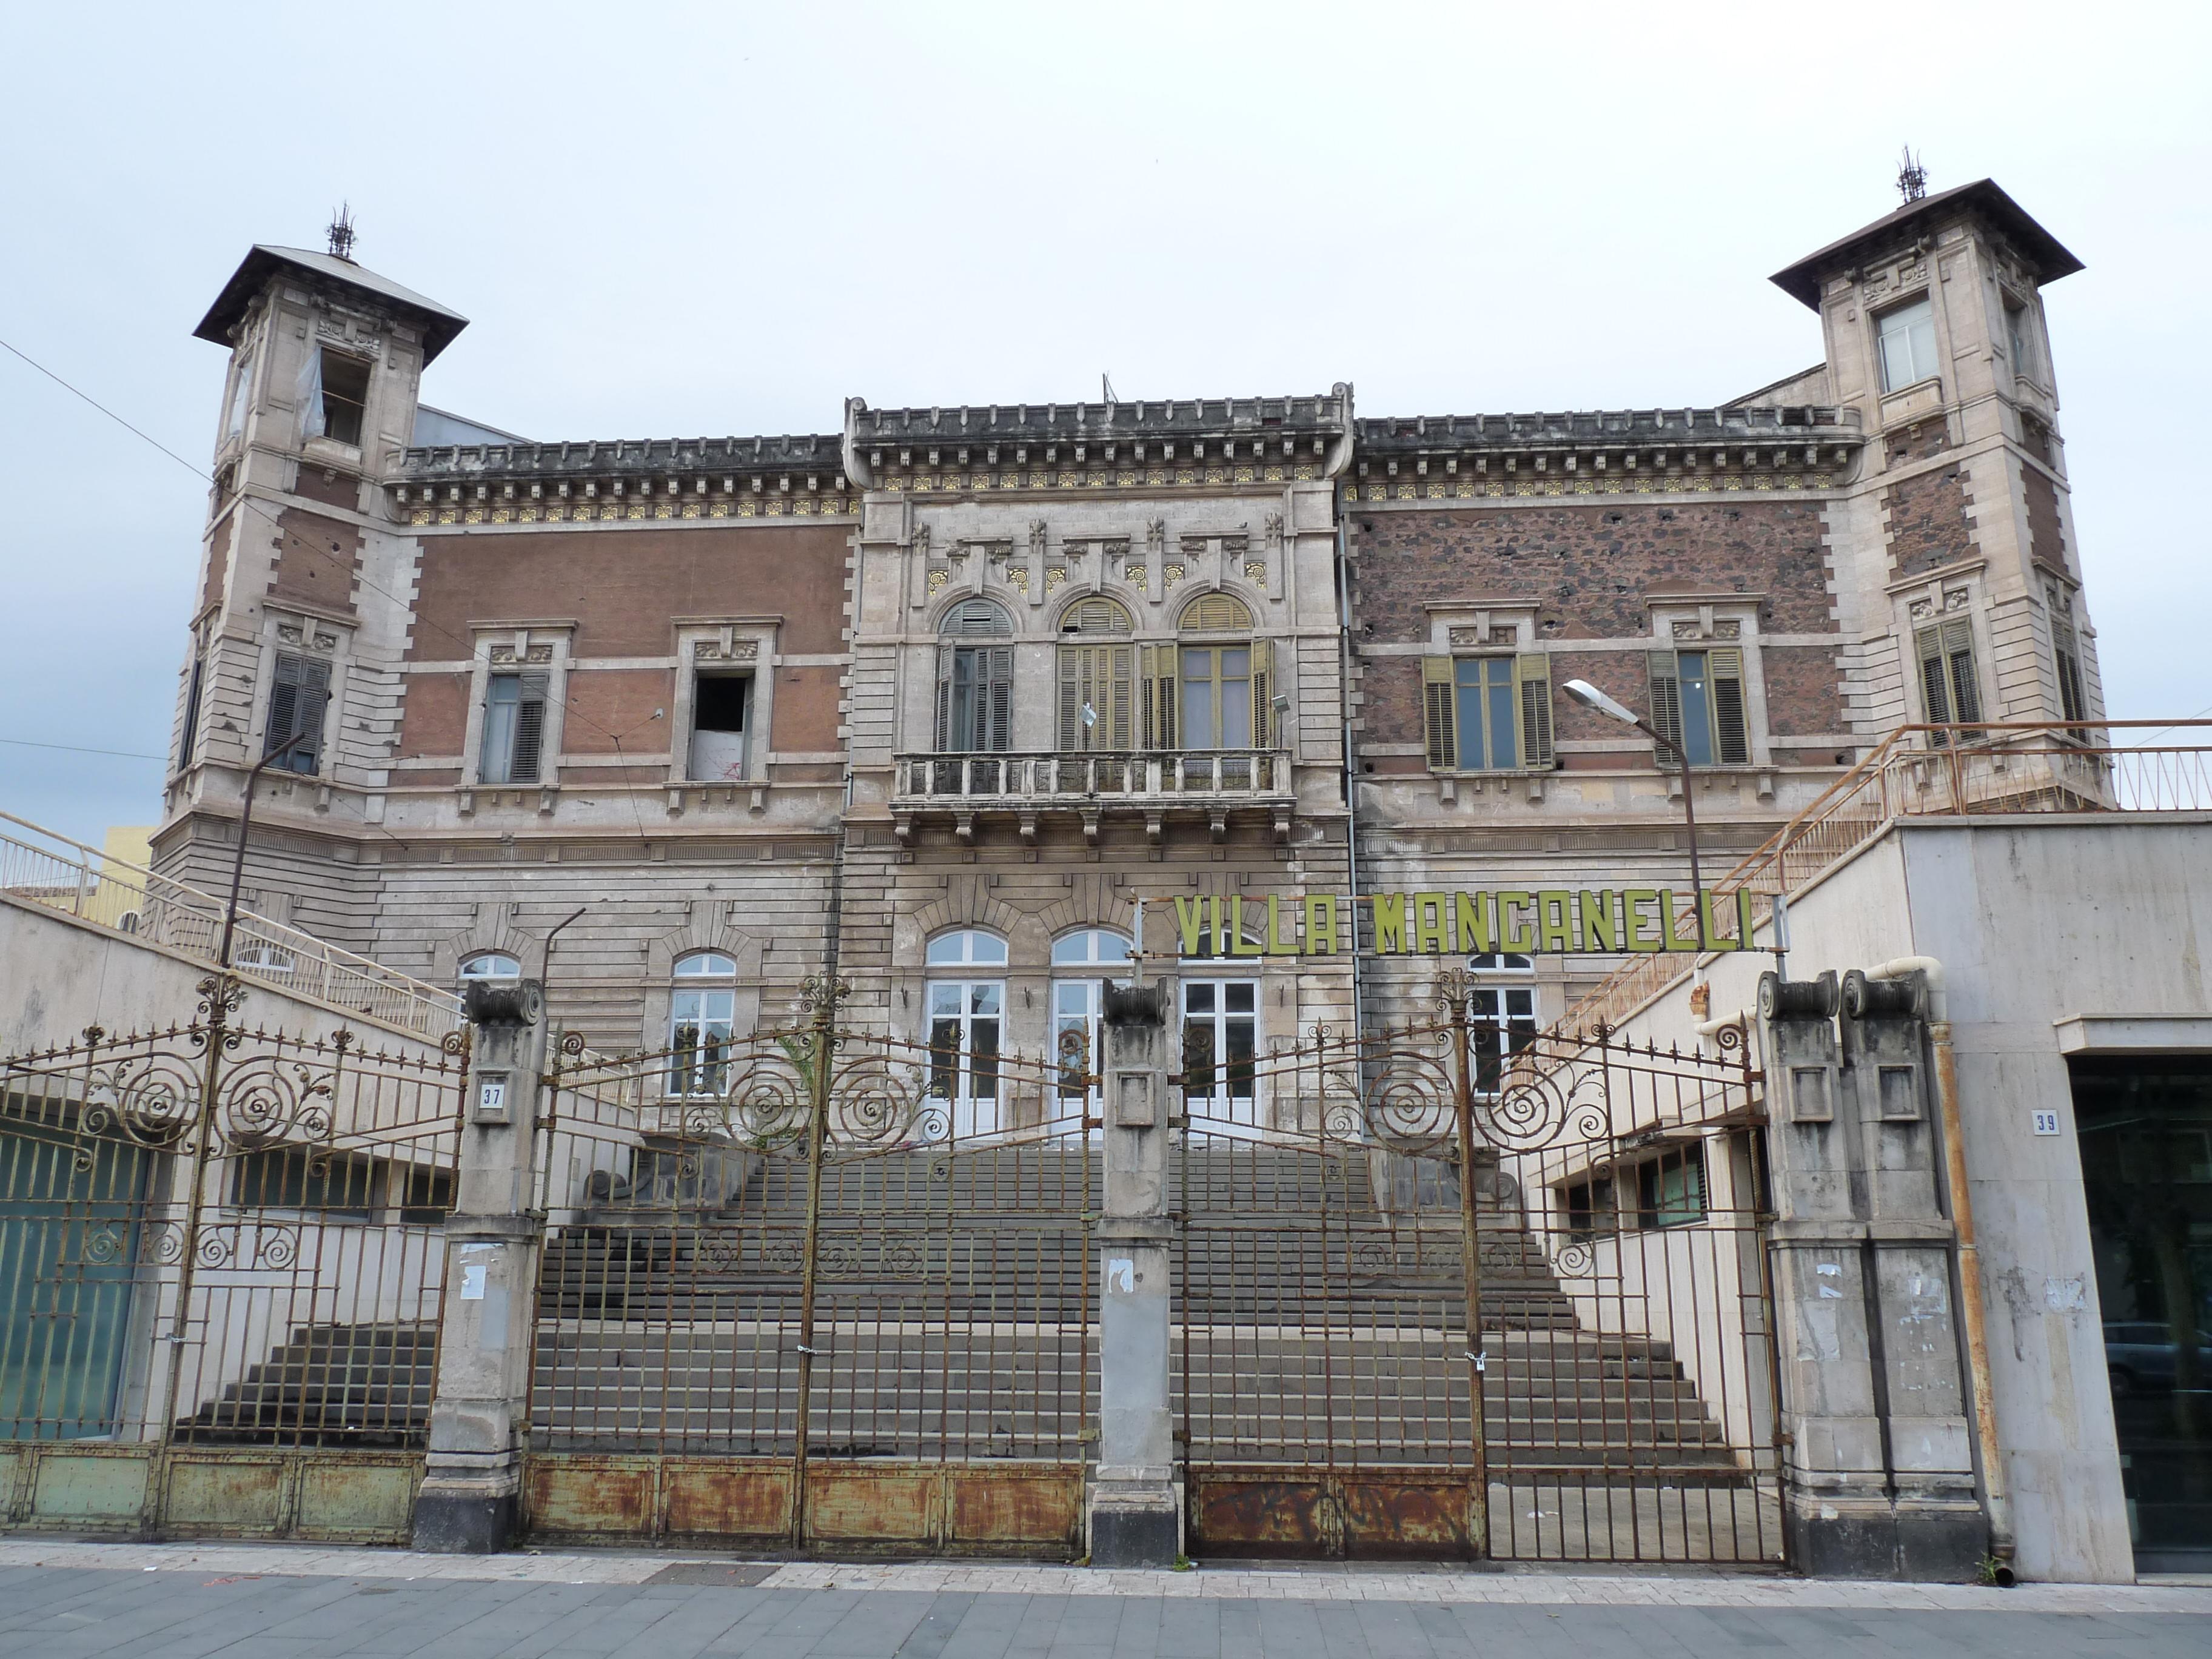 Villa Florio Piazza Camporeale Palermo